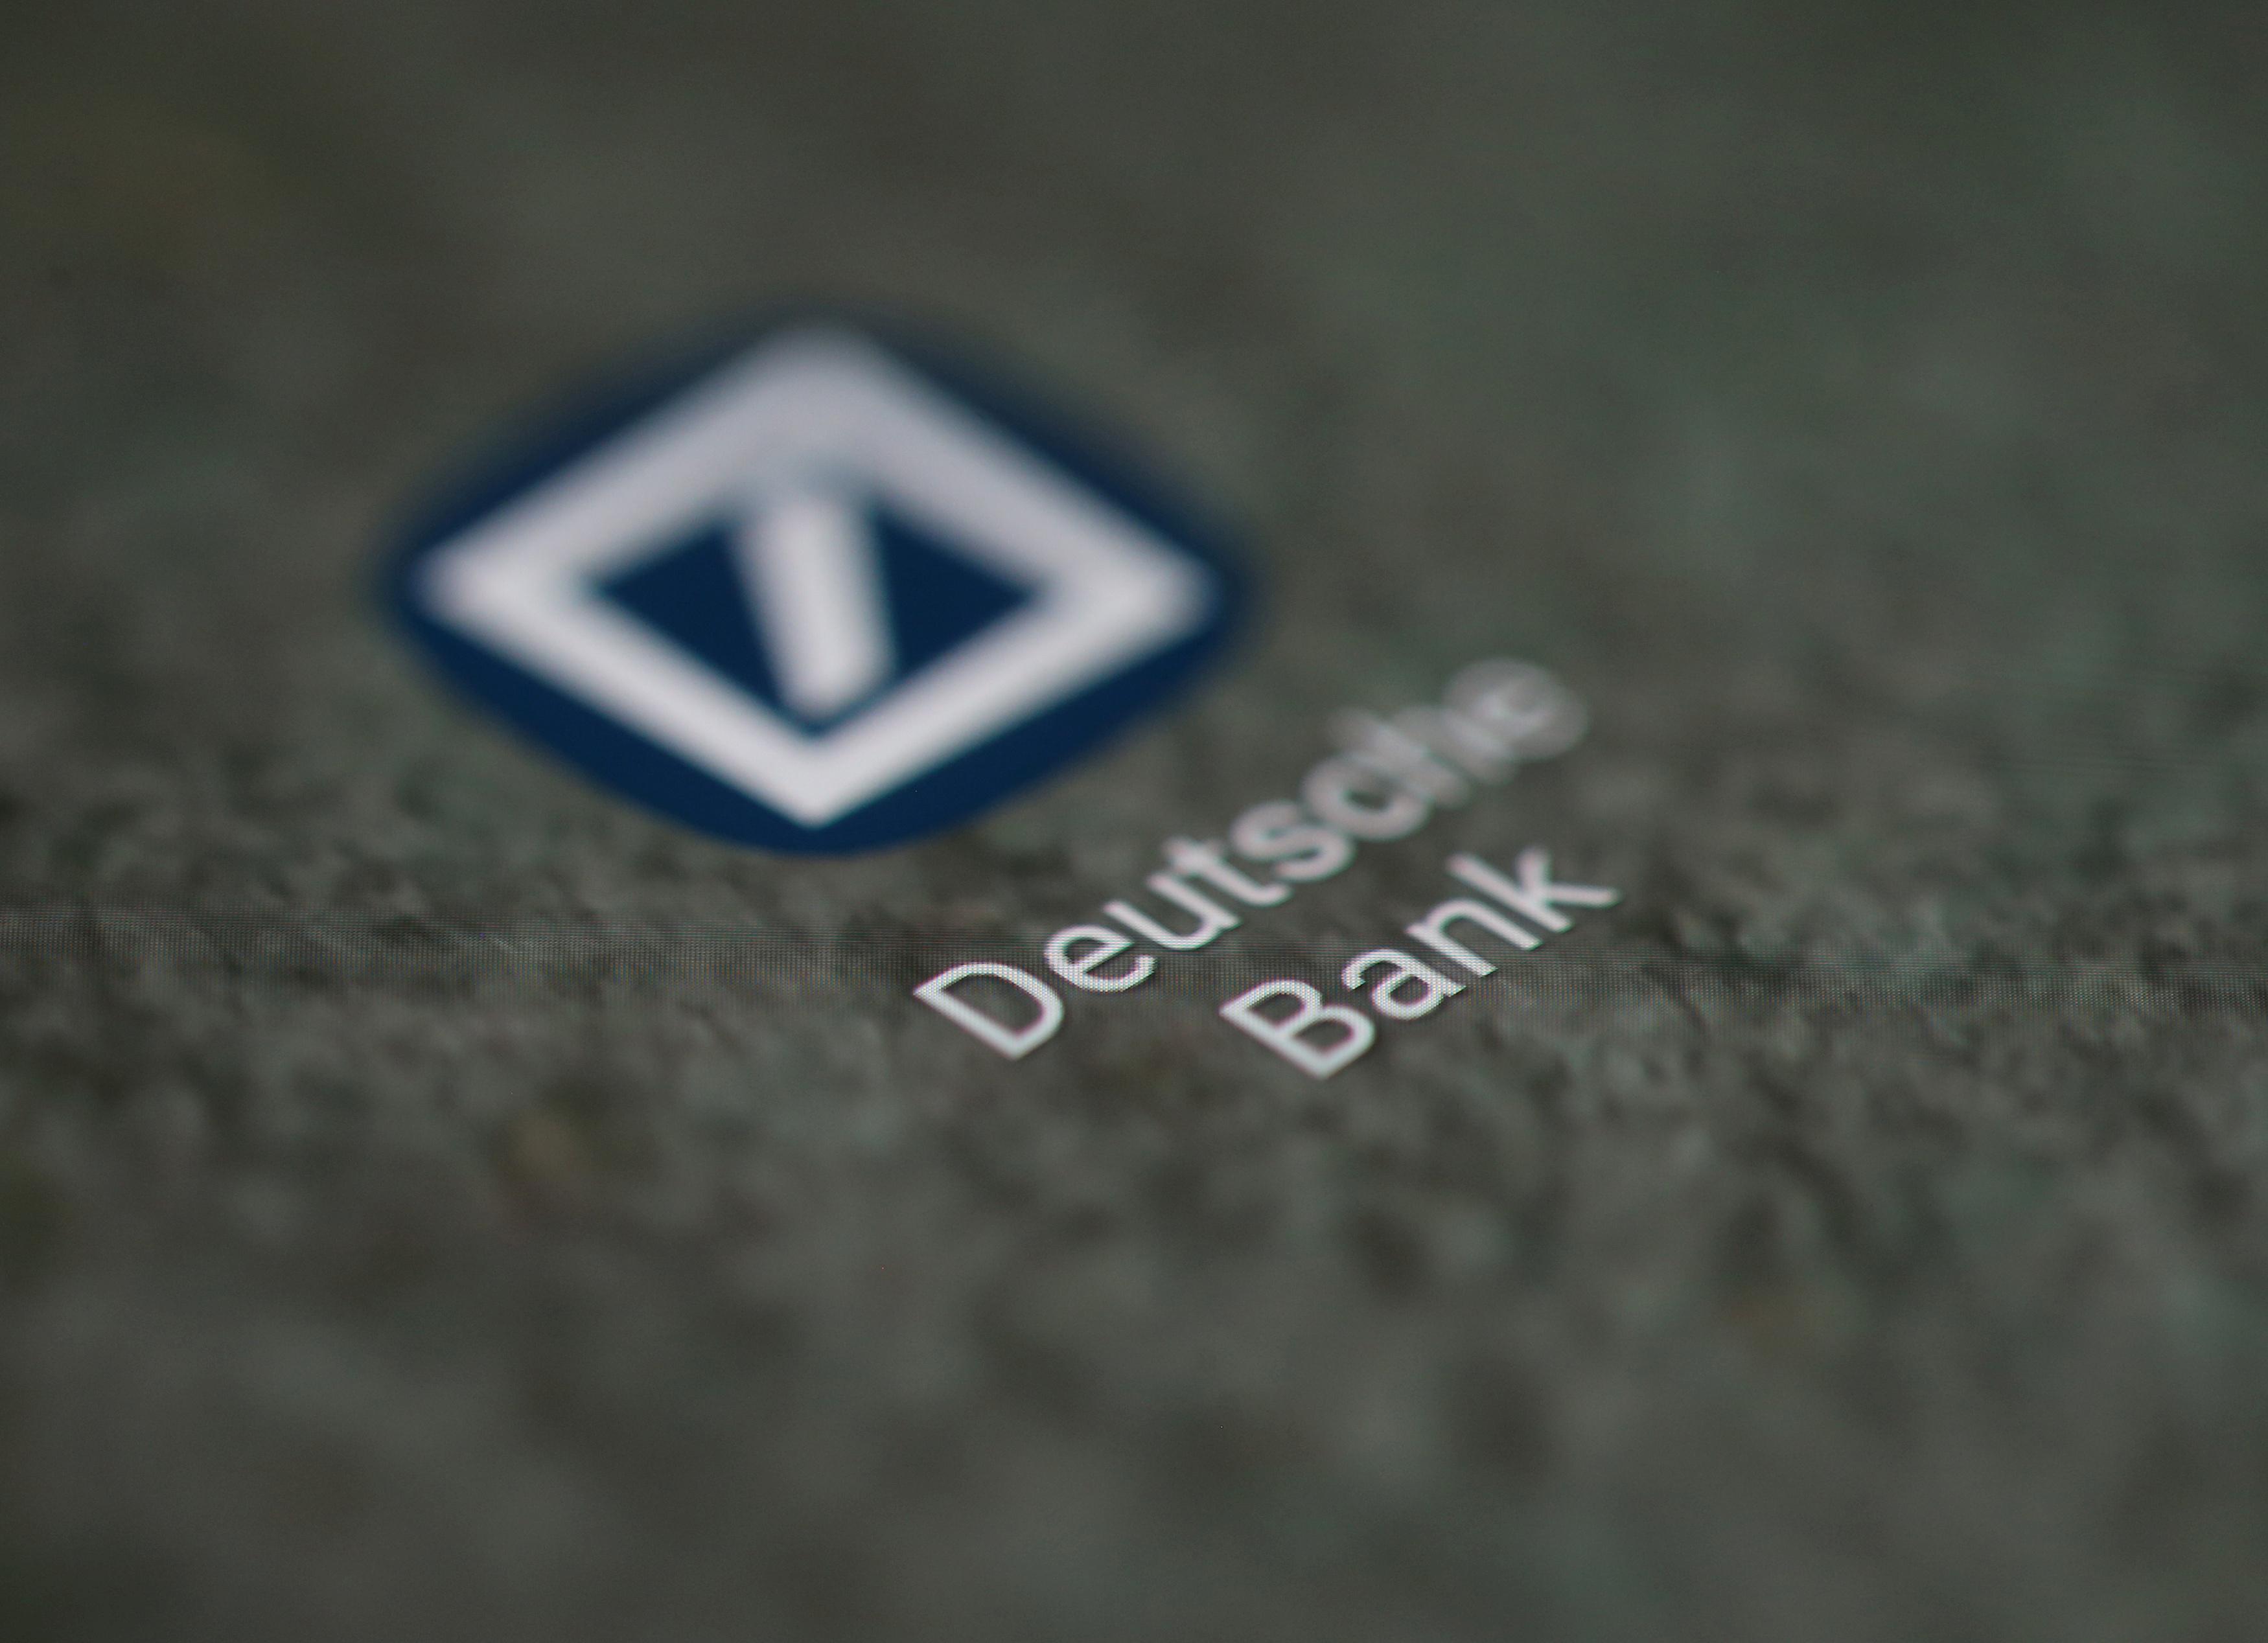 Ubs Retira La Recomendacion De Venta De Deutsche Bank Tras Su